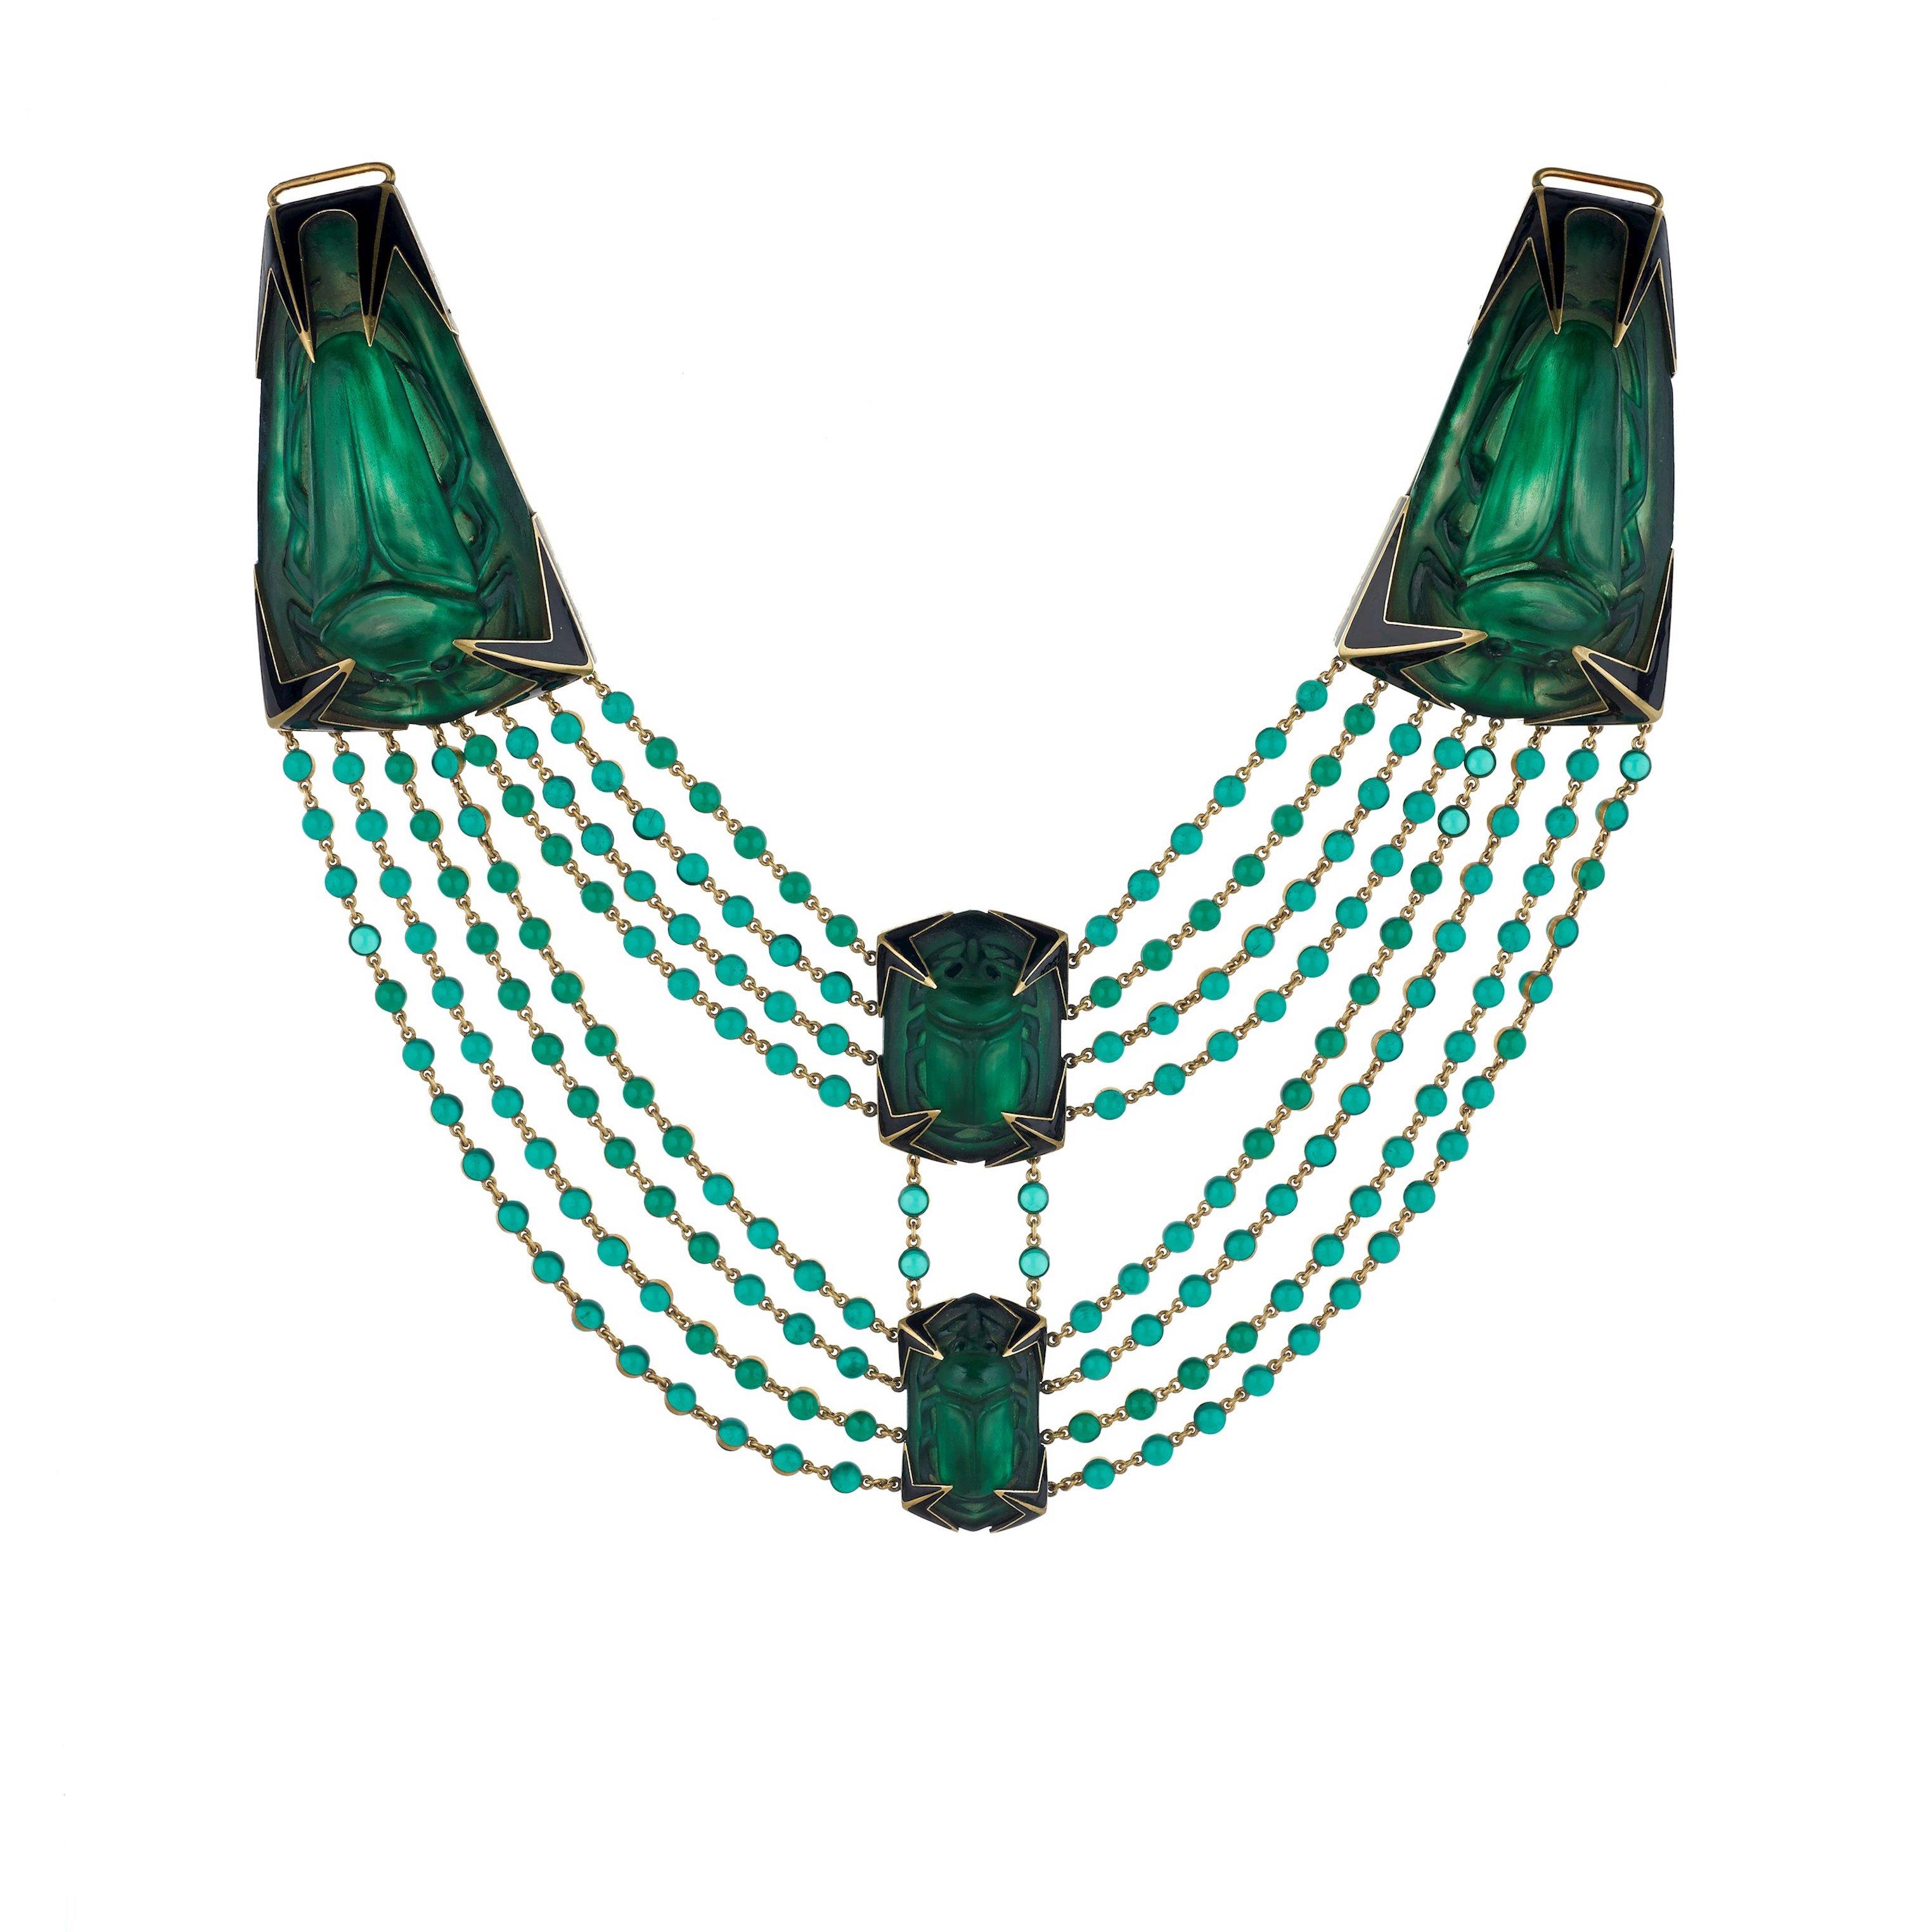 Grünes Leuchten Ab 1890 experimentierte René Lalique mit Glas, um daraus Schmuck zu formen. Als knapp zehn Jahre später sein Collier im ägyptischen Stil entstand, war der legendäre Pariser Gestalter auf der Höhe seiner Kunst: Acht Reihen luzider grüner Perlen werden von vier gläsernen Elementen in Form grüner Skarabäen gehalten. Die goldene Fassung mit ihren schwarz emaillierten Dornen machen das außer-gewöhnliche Stück des Art déco komplett. Angeboten wird es vom Londoner Juwelenhändler Wartski Ltd. für einen sechsstelligen Betrag. Foto: Wartski